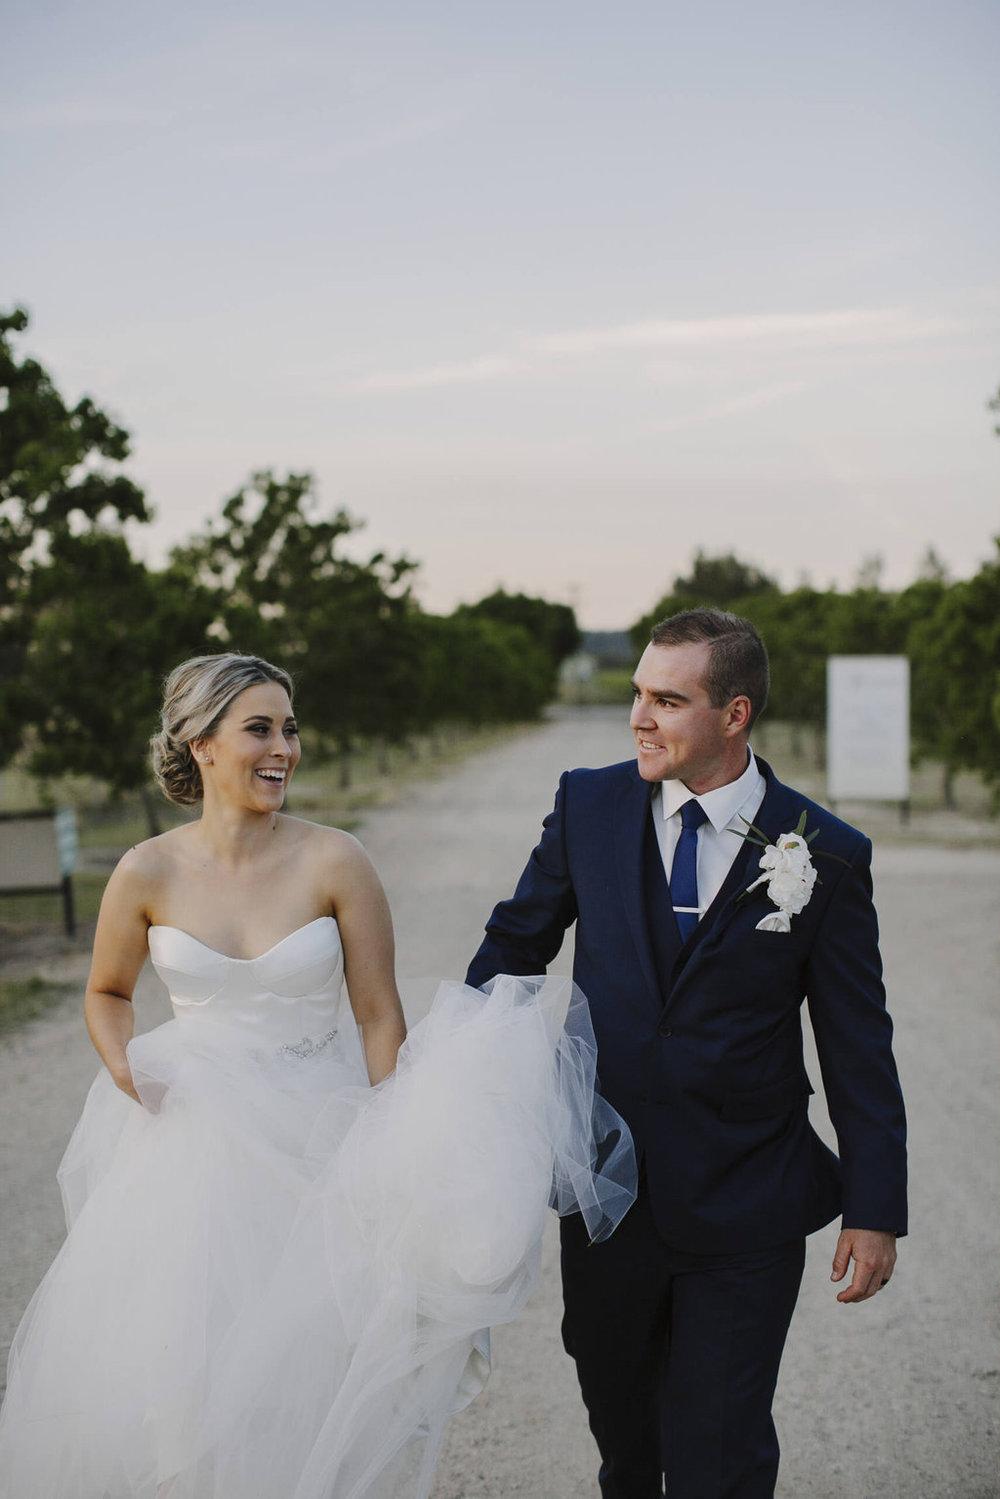 161106_justinaaron_wedding_fraiah_shaun_w-587.jpg